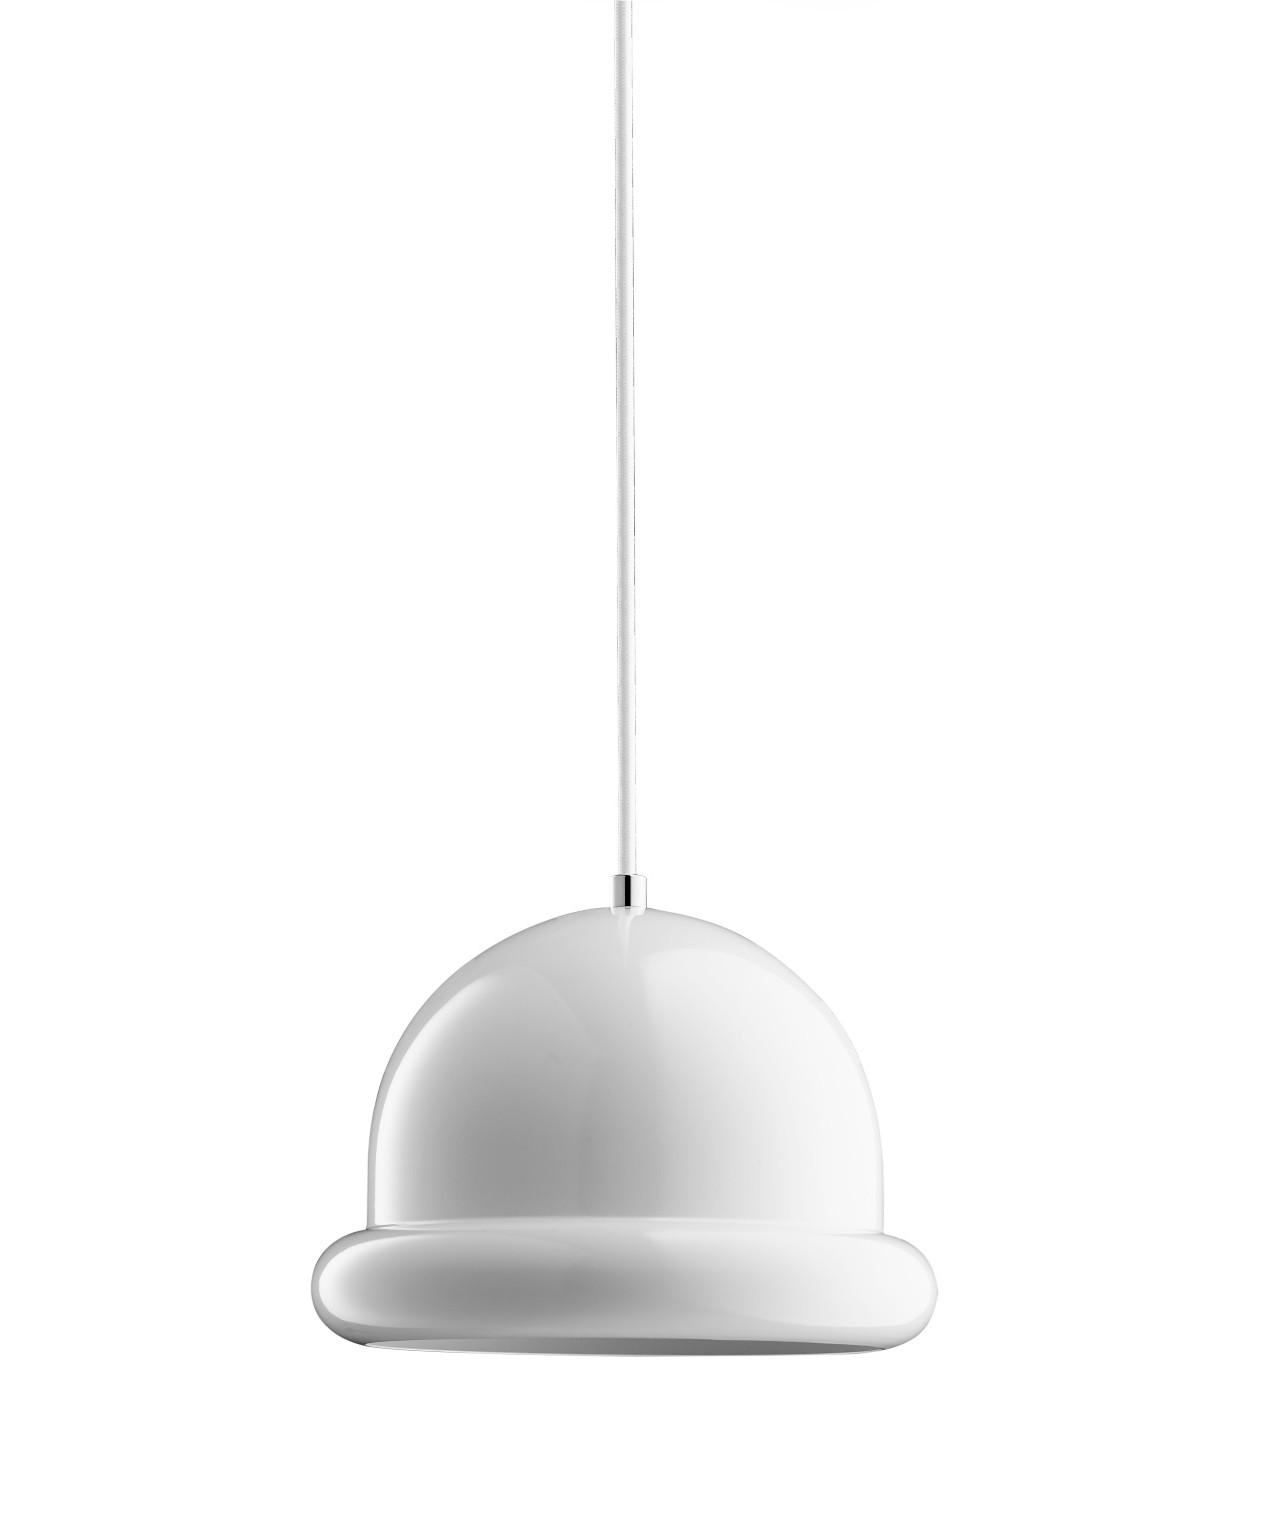 DesignFrank Kerdil for Dyberg Larsen  Koncept Hattrick Pendel i Hvid, er en absolut anderledes og sjov pendel, designet af Frank Kerdil. Få en dejlig og behagelig stemning over spisebordet, køkkenbordet eller som klynge ved siden af sofaen eller over skænken. Brug den også som en stemningsfuld lampe på din cafe eller restaurant. Hattrick er monteret med porcelænsfatning.